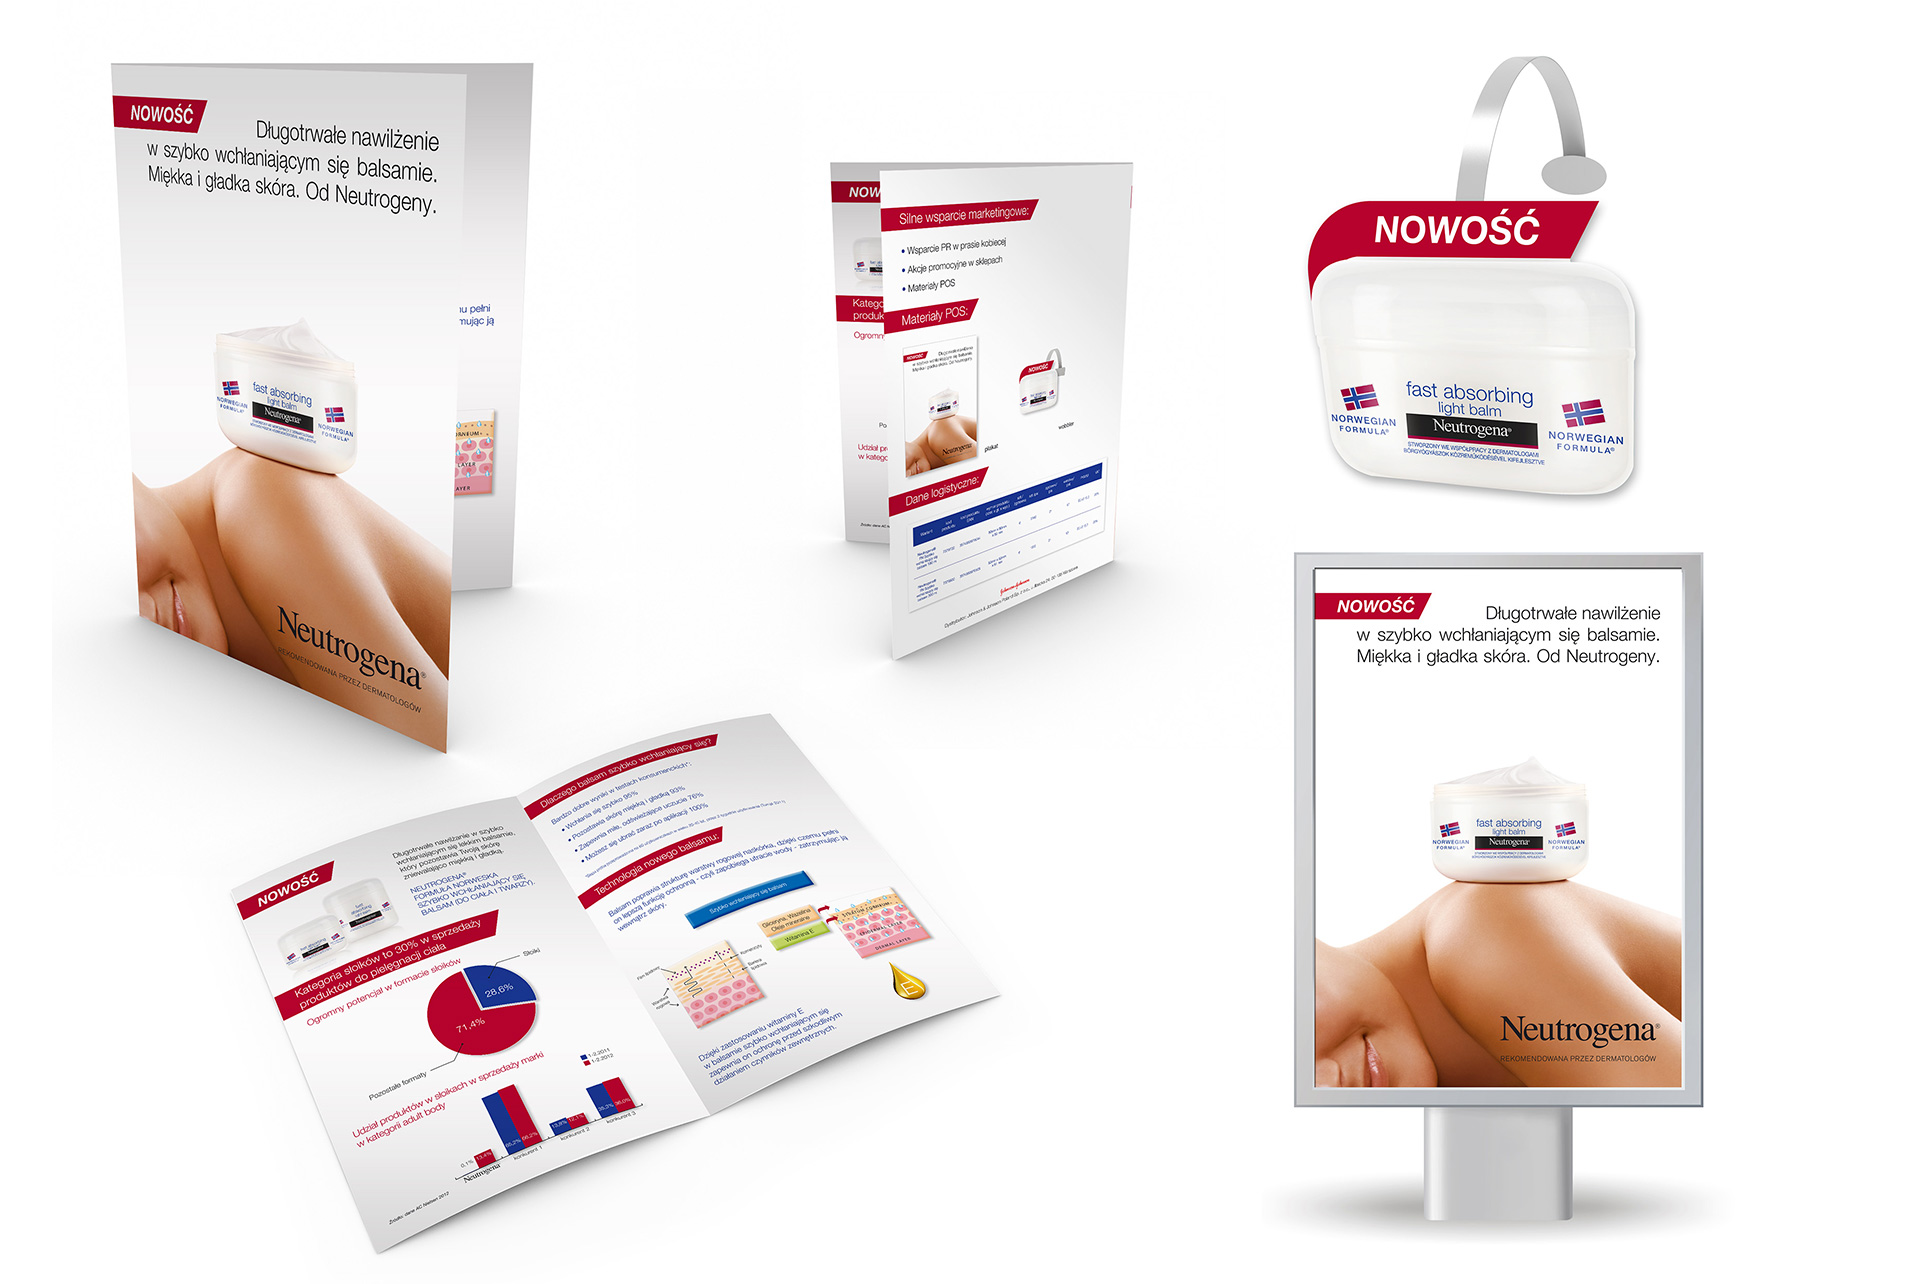 Posm design sofy posm design - Neutrogena Support Btl Wobbler Poster Sales Folder